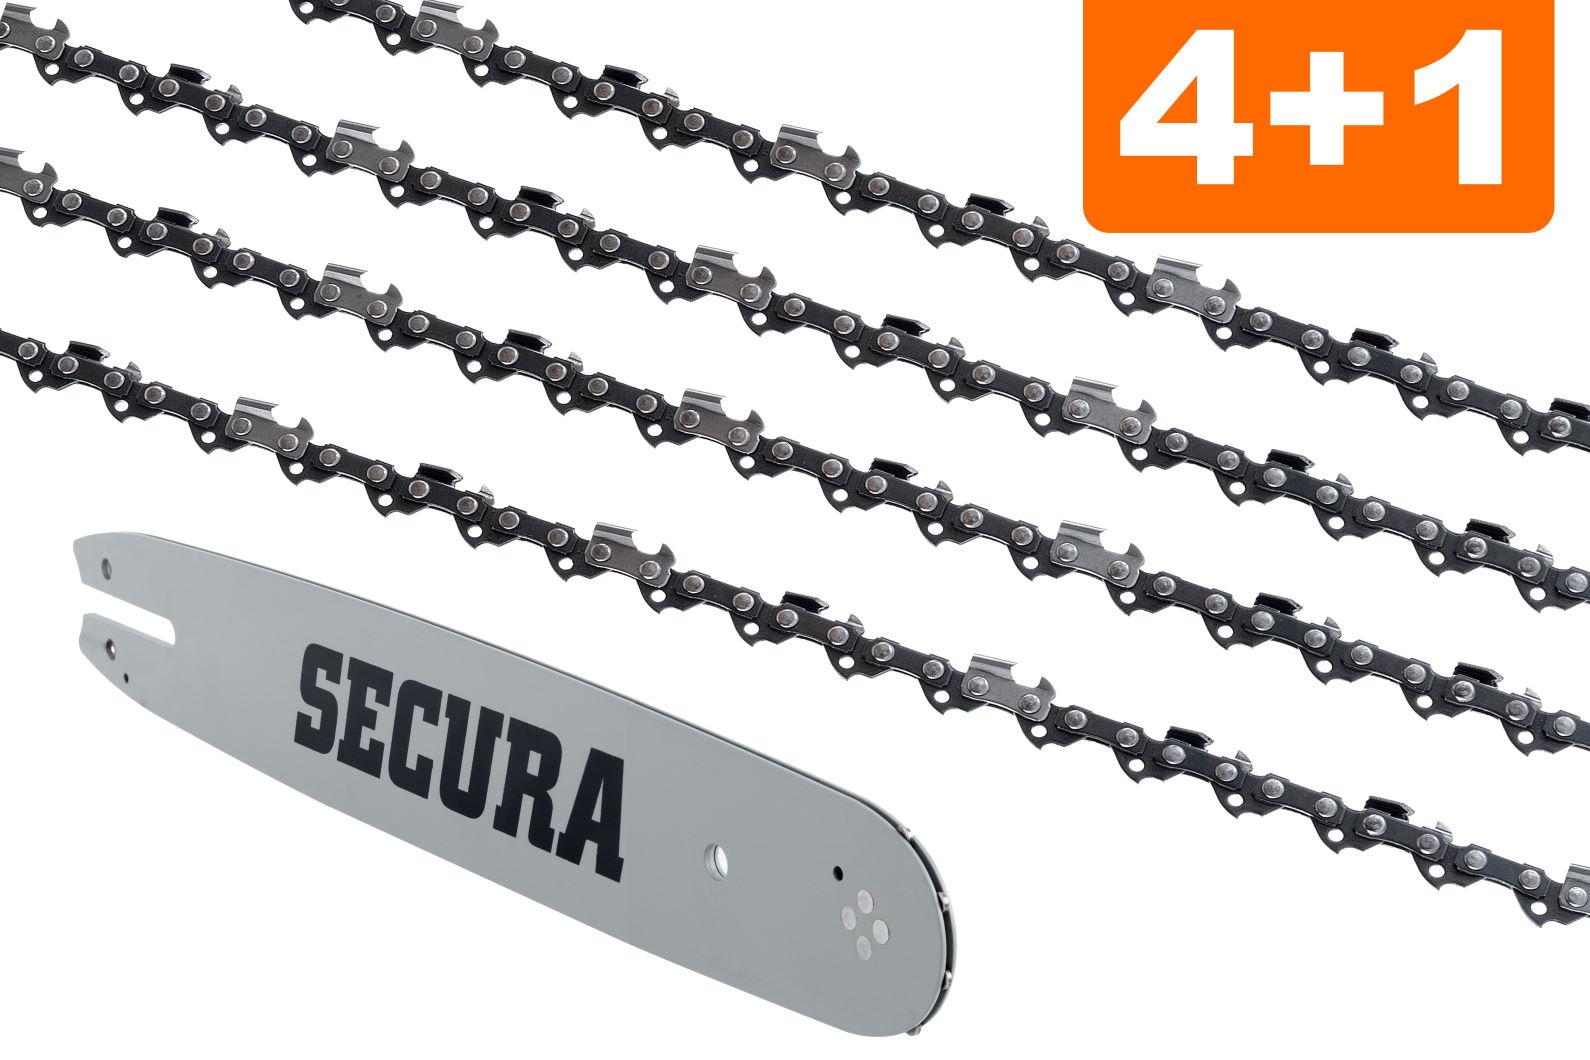 """2 chaînes adapté pour partenaires p4-20xt 30 cm 3//8/"""" 45 TG 1,3 mm chaine de tronconneuse Épée"""